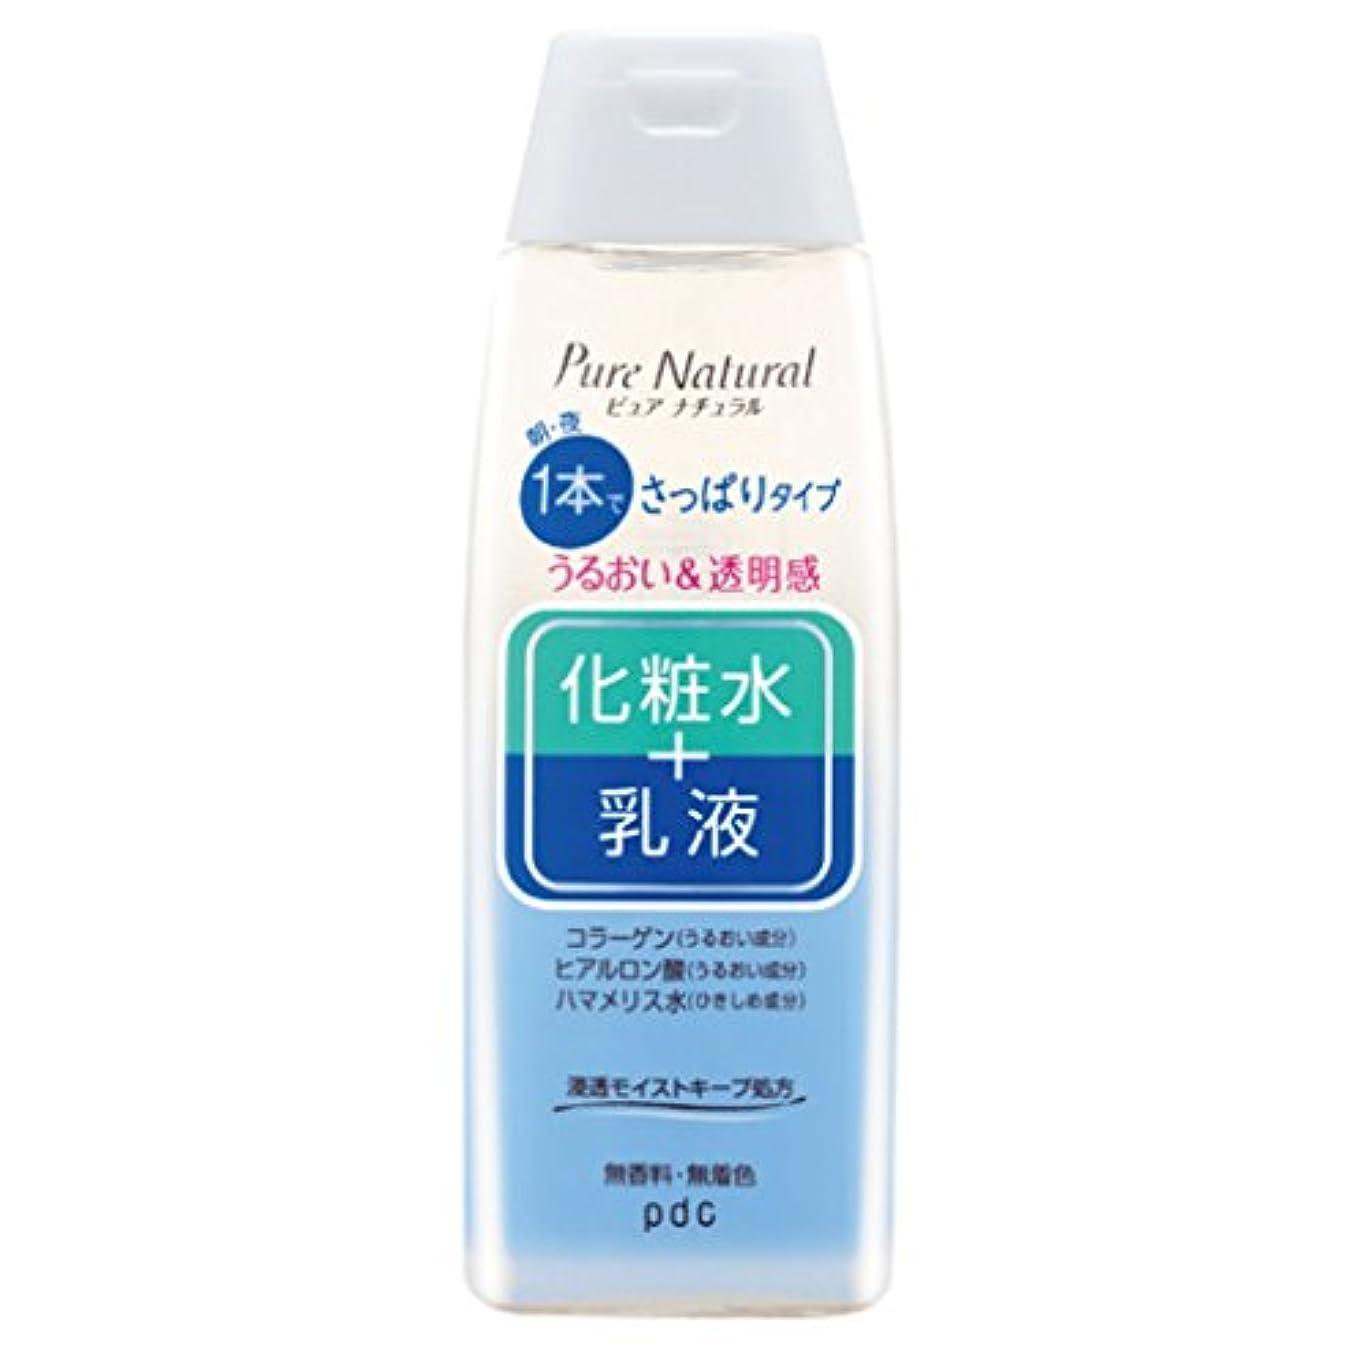 フォーマット精巧な肺Pure NATURAL(ピュアナチュラル) エッセンスローションライト 210ml